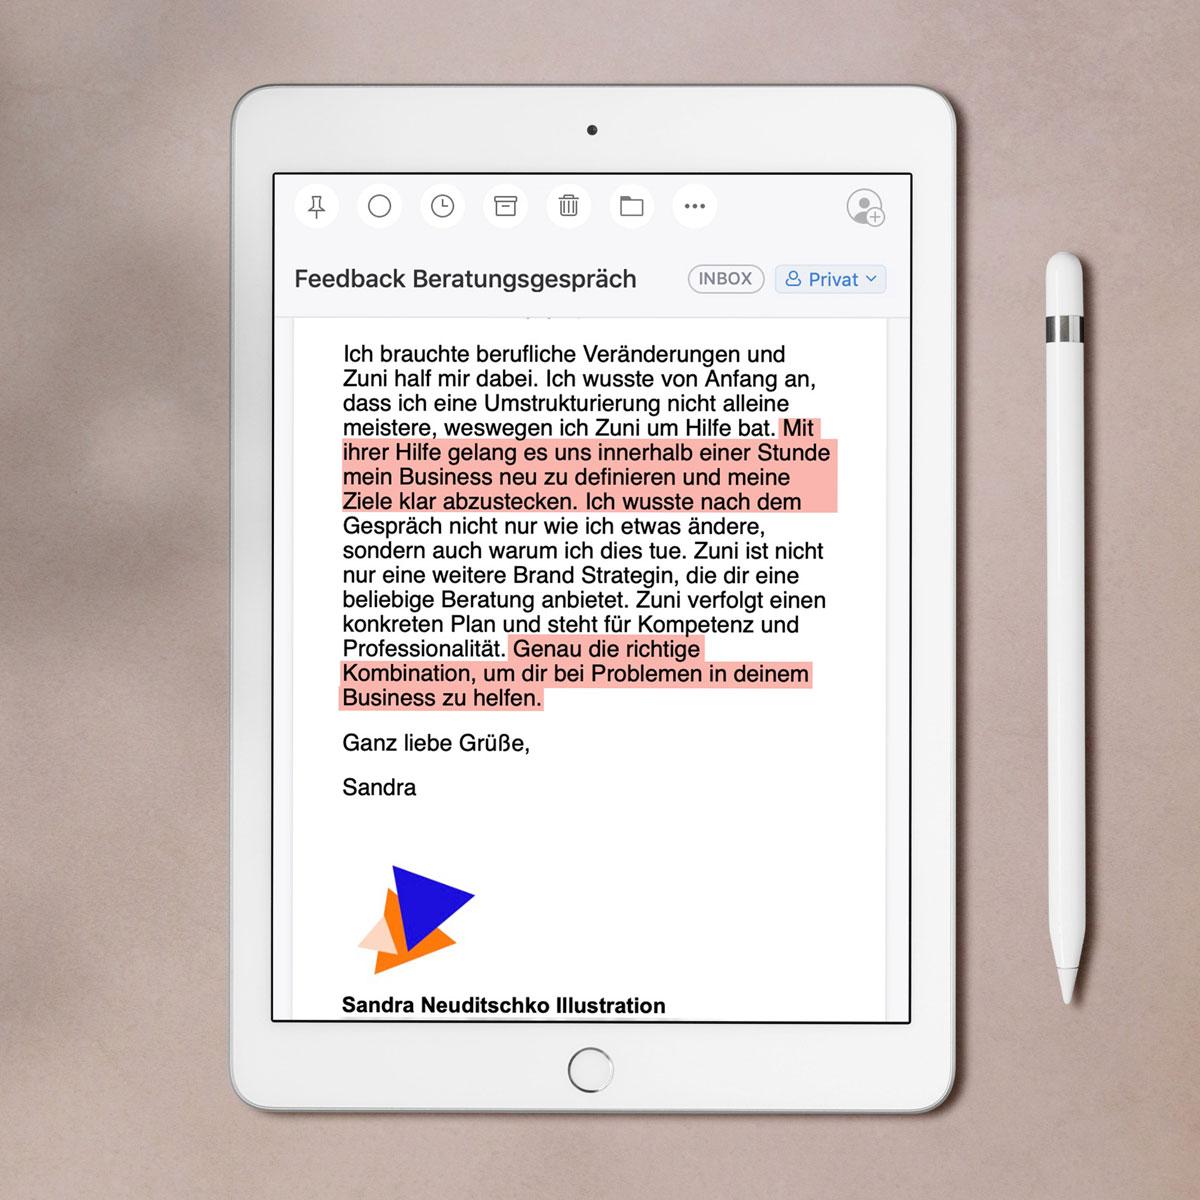 BRAVE & BUTT Brandberatung: Bewertung von Sandra Neuditschko auf dem iPad